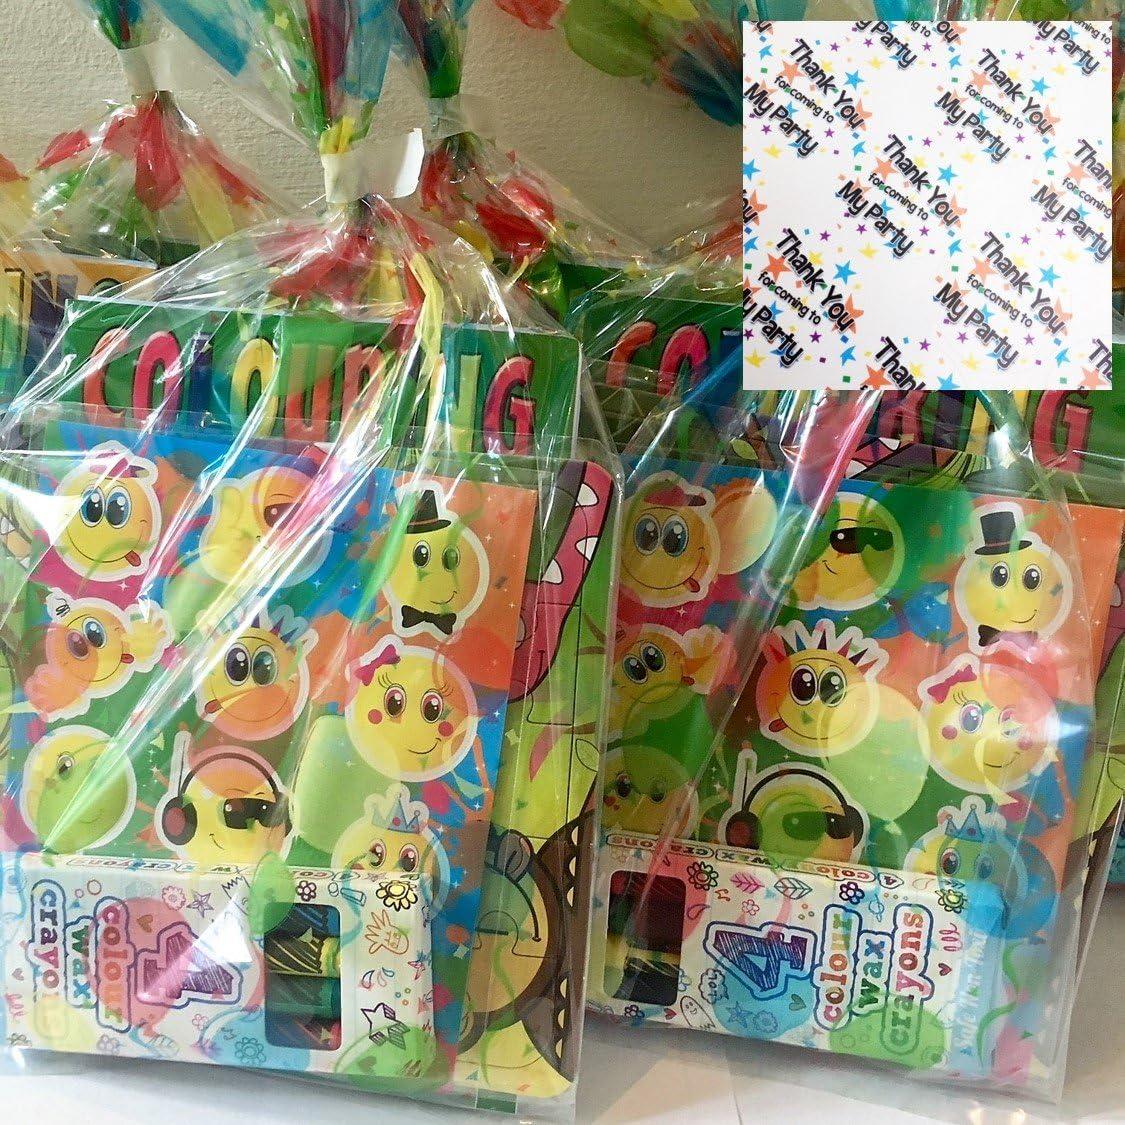 Bolsas de fiesta pre-rellenadas para niños y niñas (cantidad elegible)